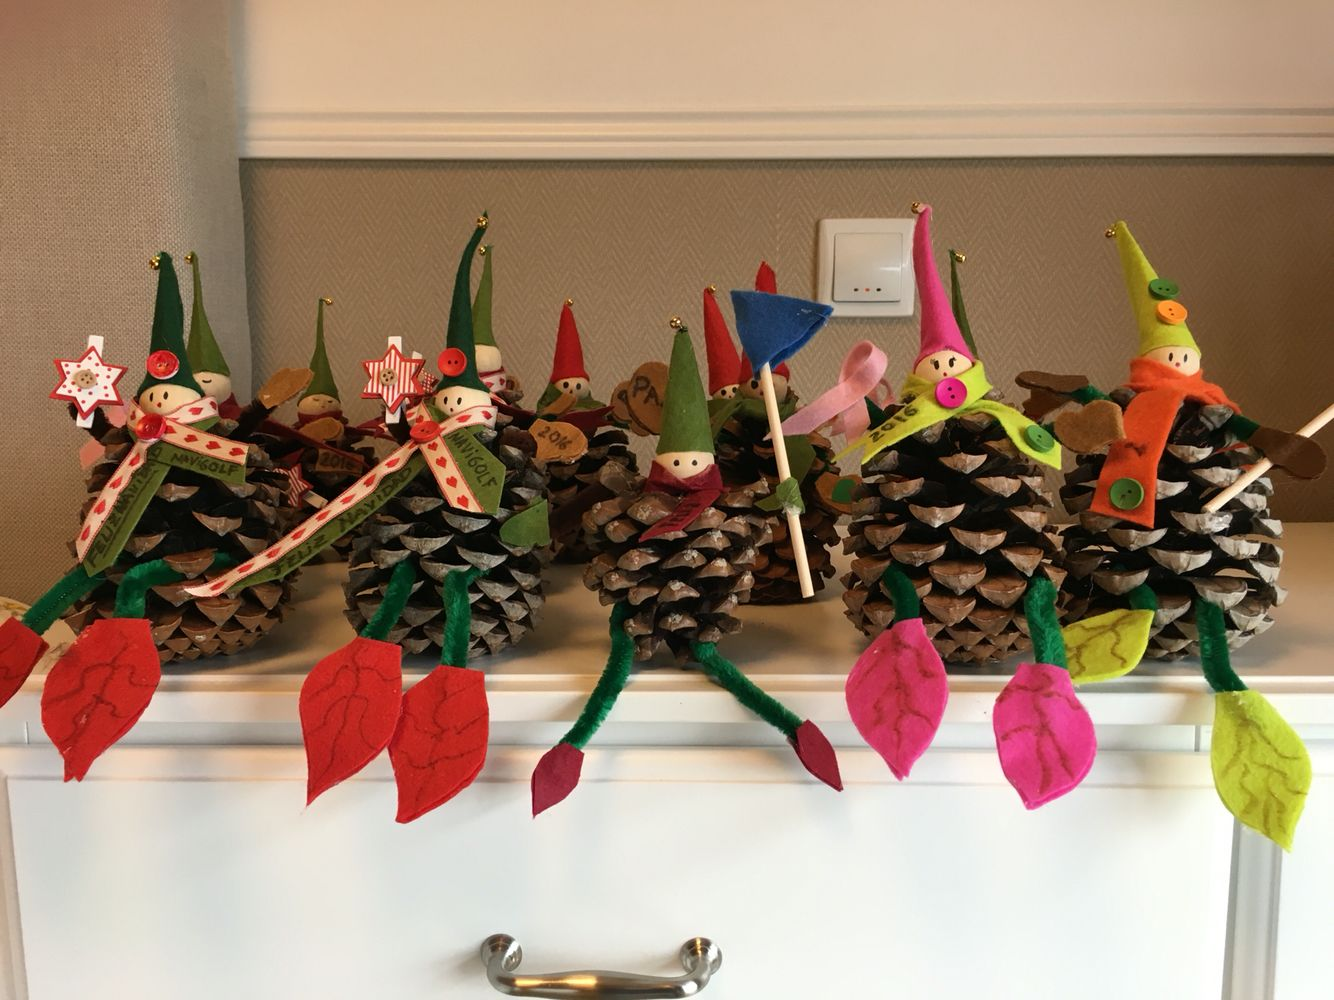 Adornos con pi as duendes navide os adornos navide os pinterest duendes adornos y - Adornos navidenos con pinas ...